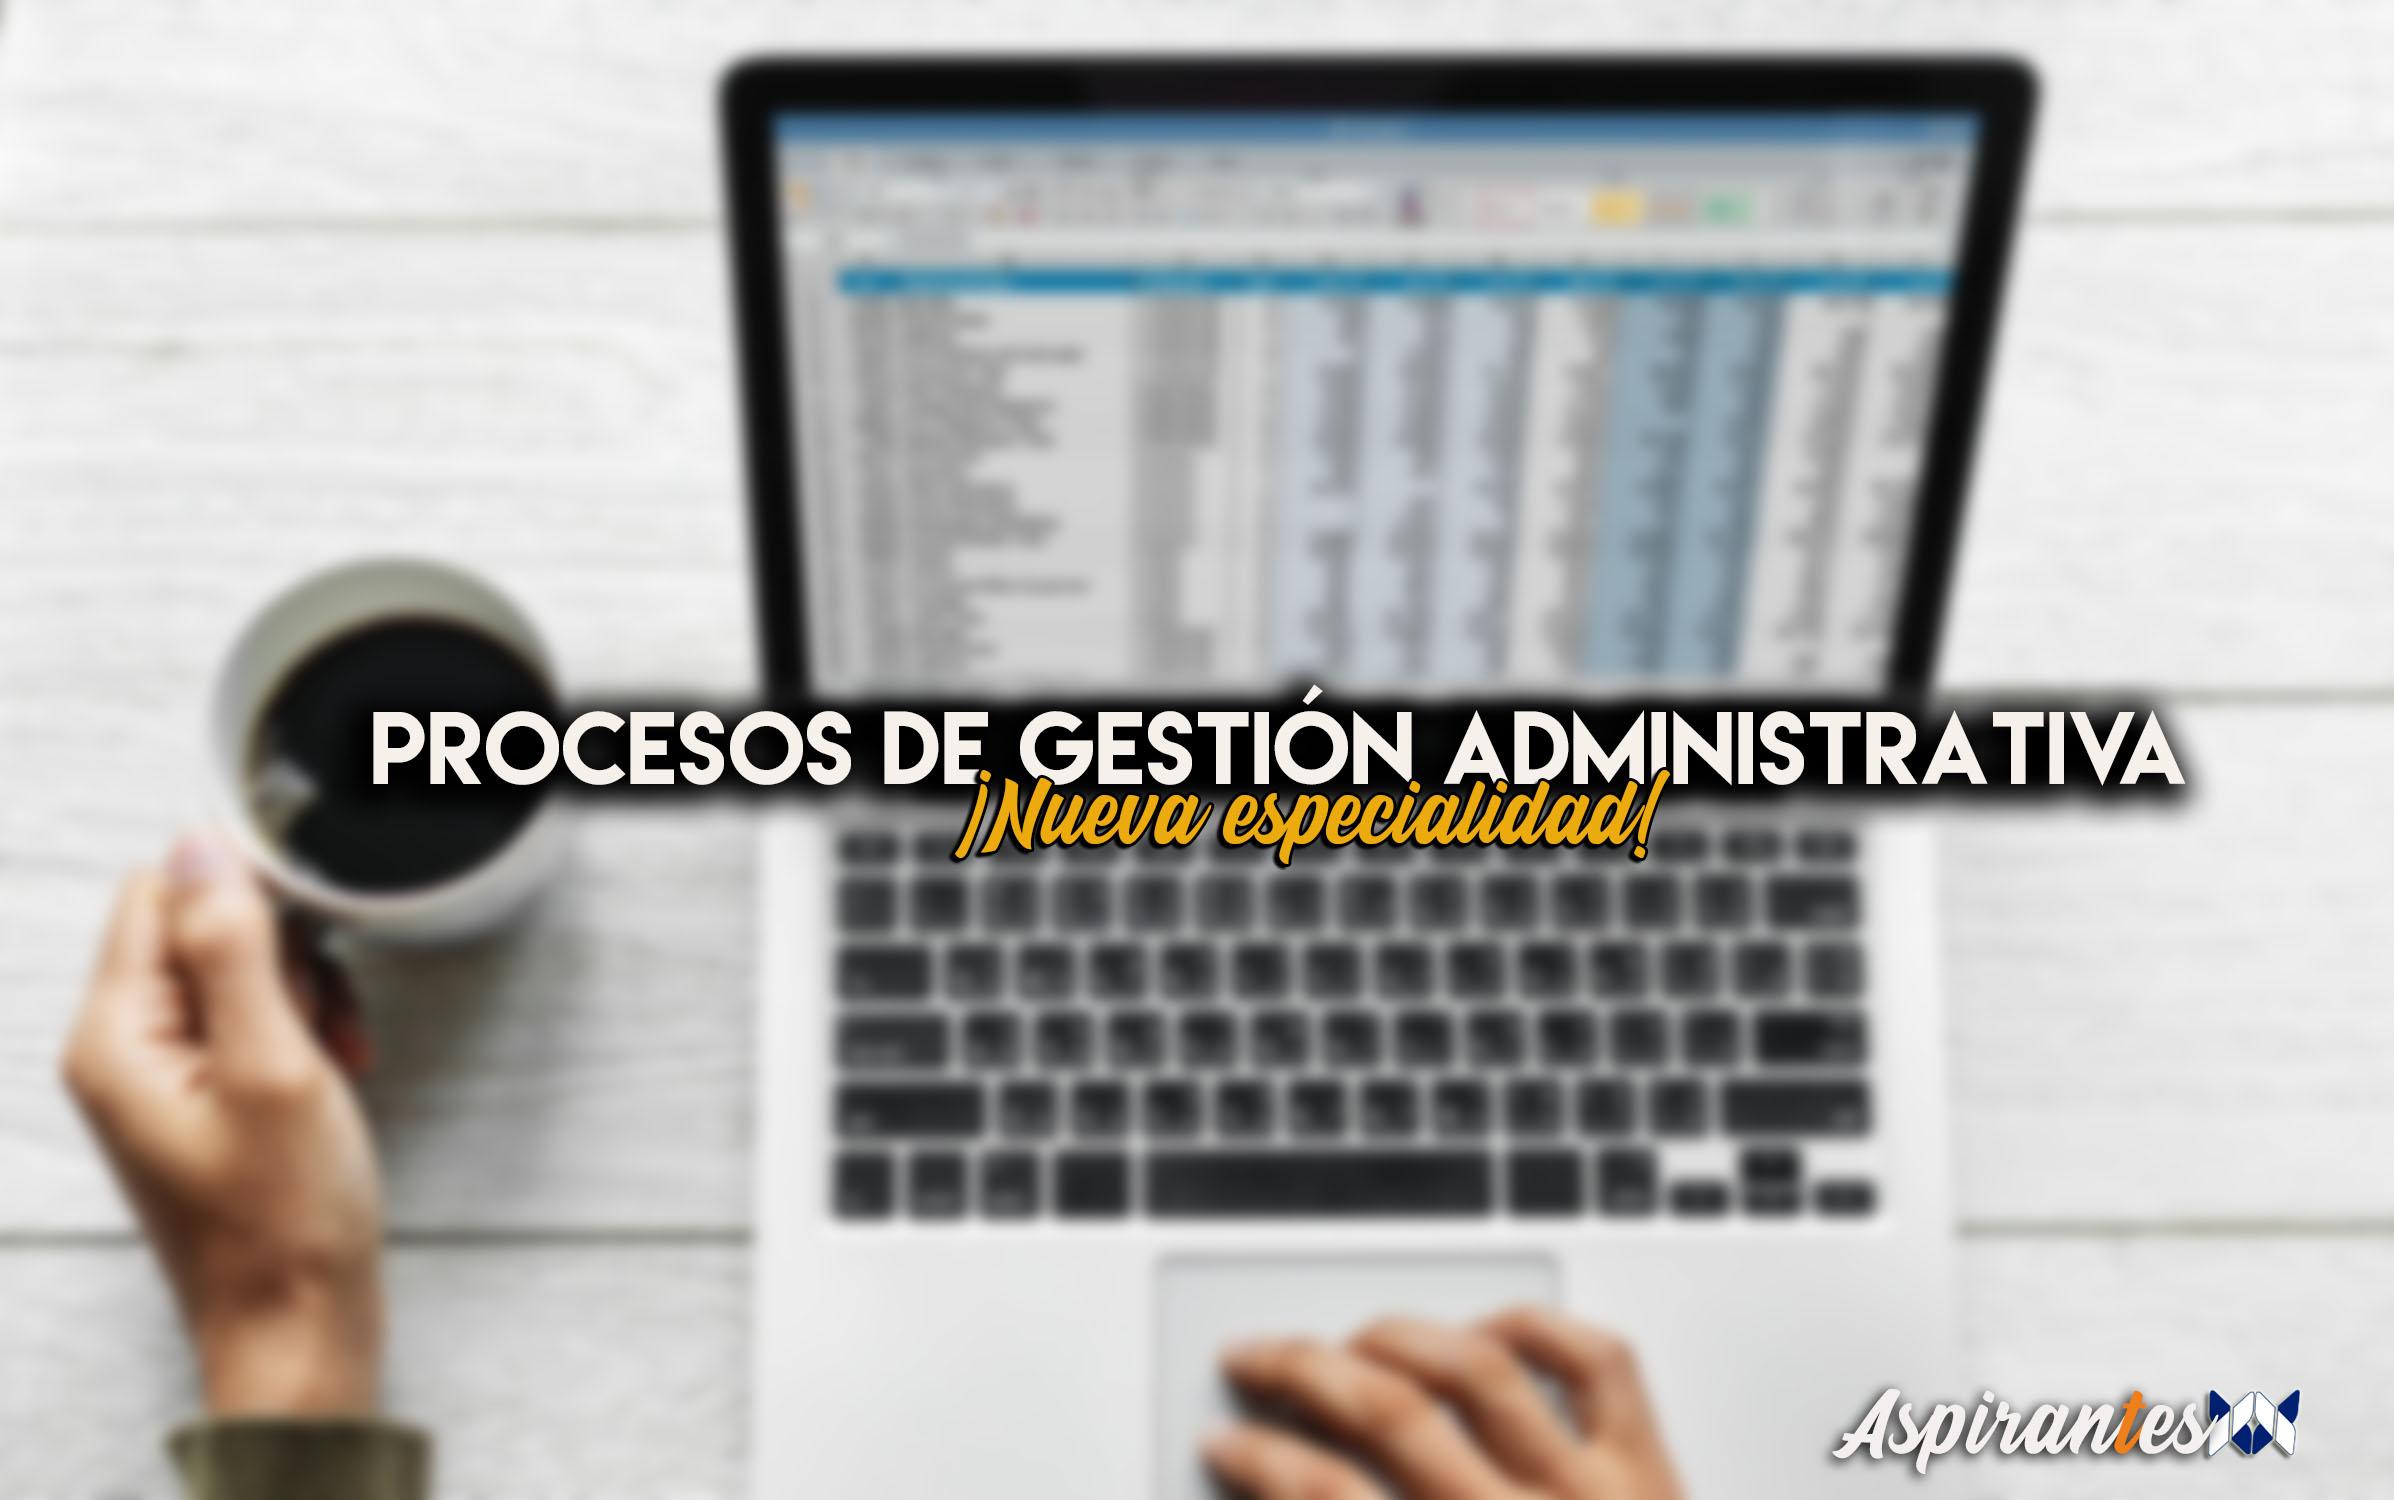 Puedes prepararte las oposiciones de procesos de gestión administrativa en TecnosZubia.